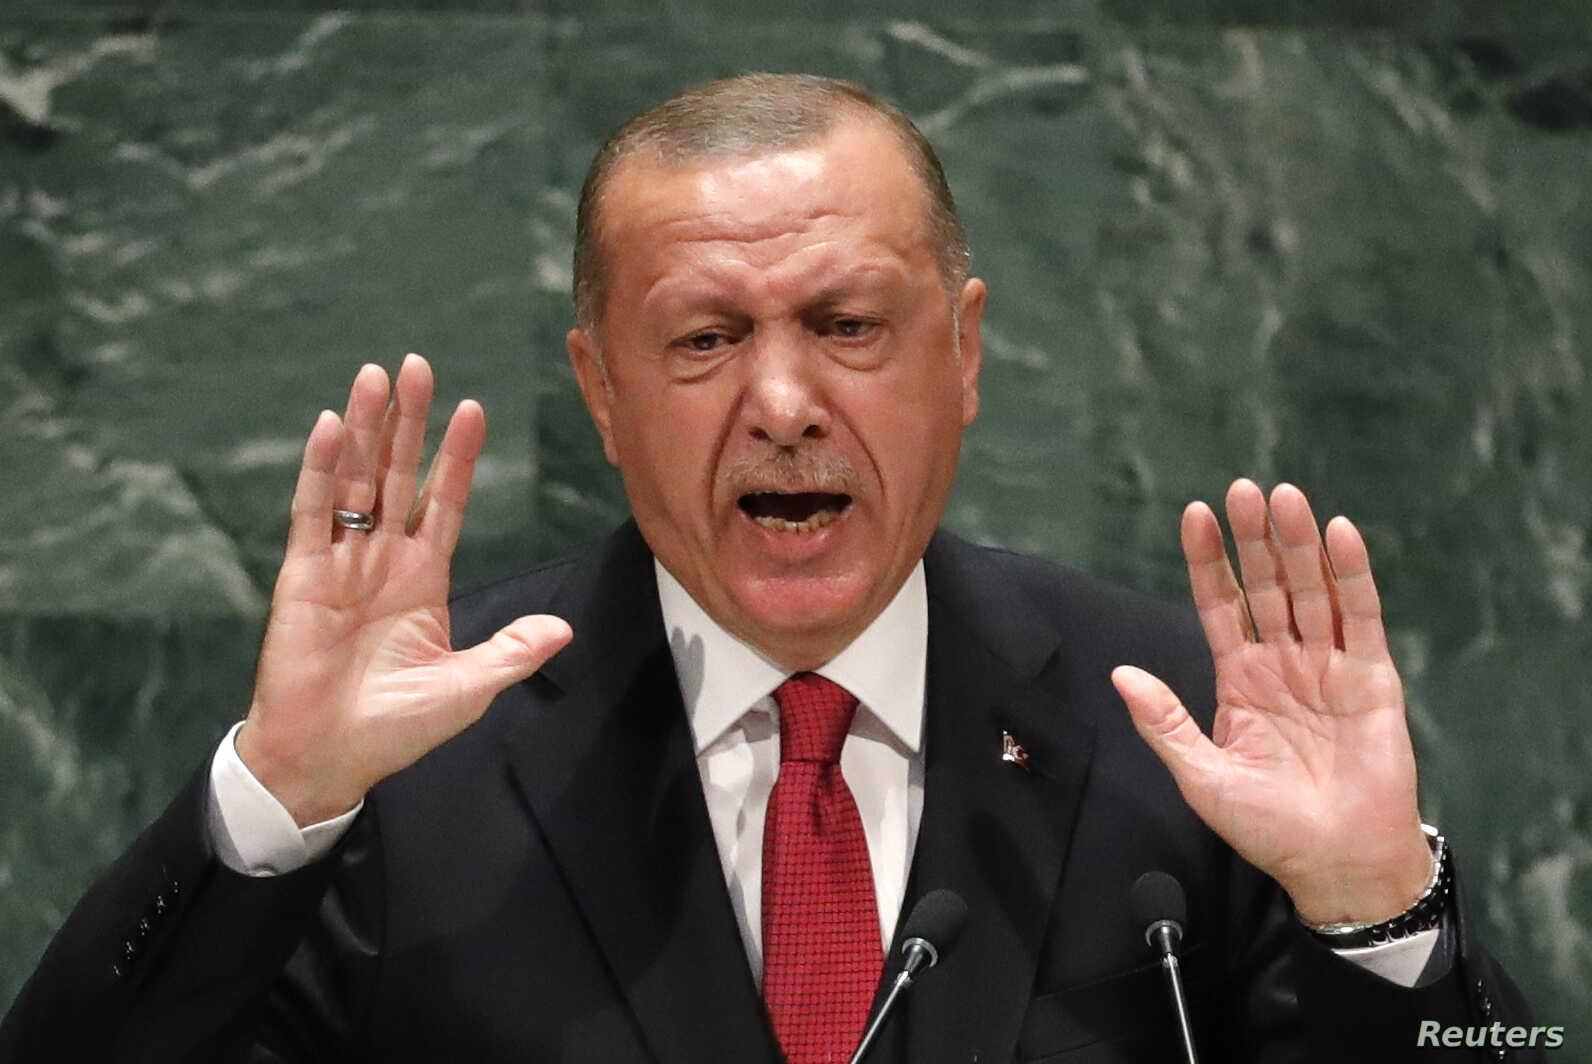 """Ο πονηρός Ανατολίτης Ερντογάν κάνει παιχνίδια στο Αιγαίο, χρησιμοποιώντας την """"ειρήνη"""""""